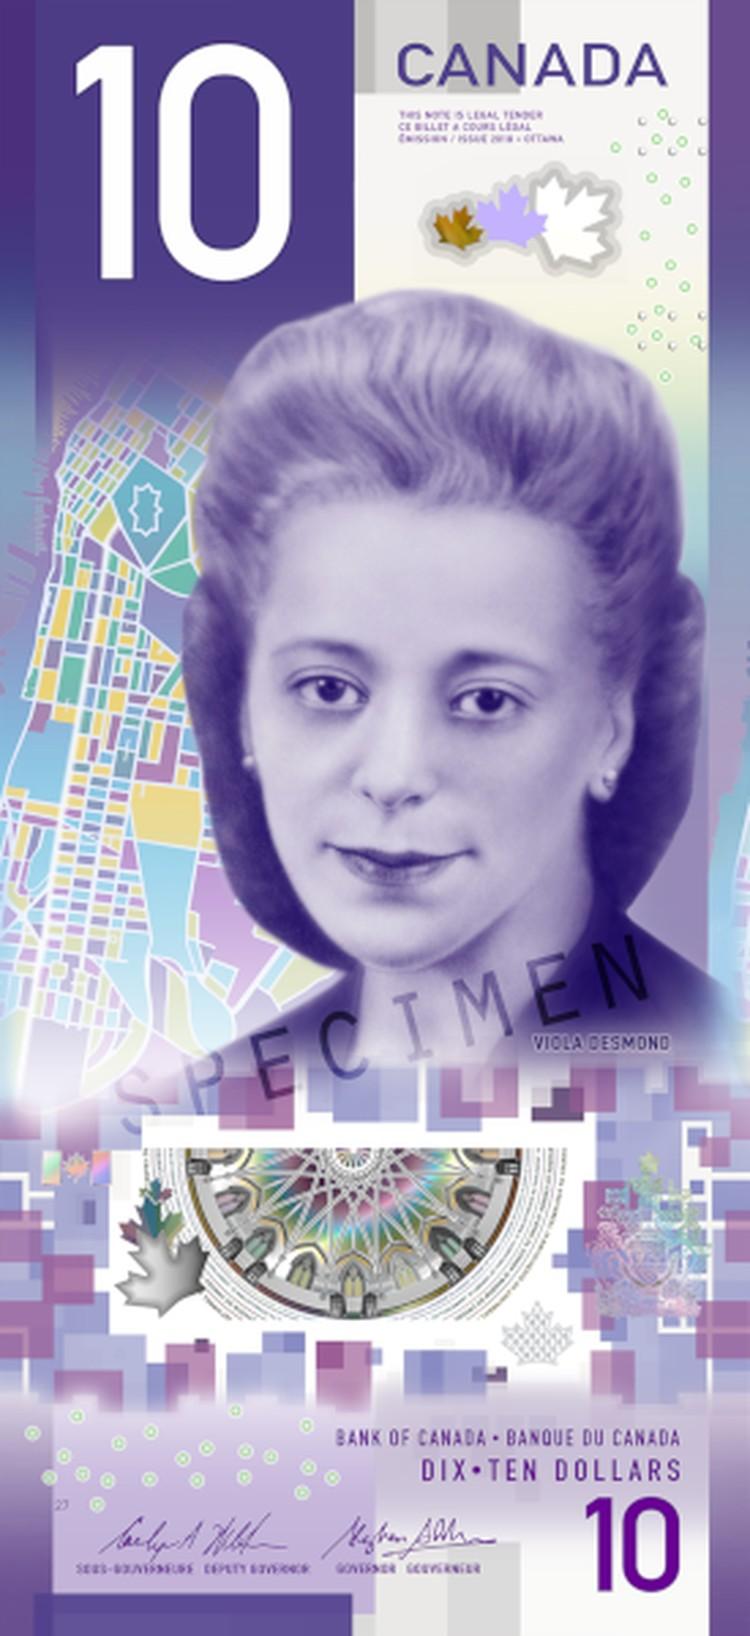 Канадские 10 долларов с портретом Виолы Десмонд